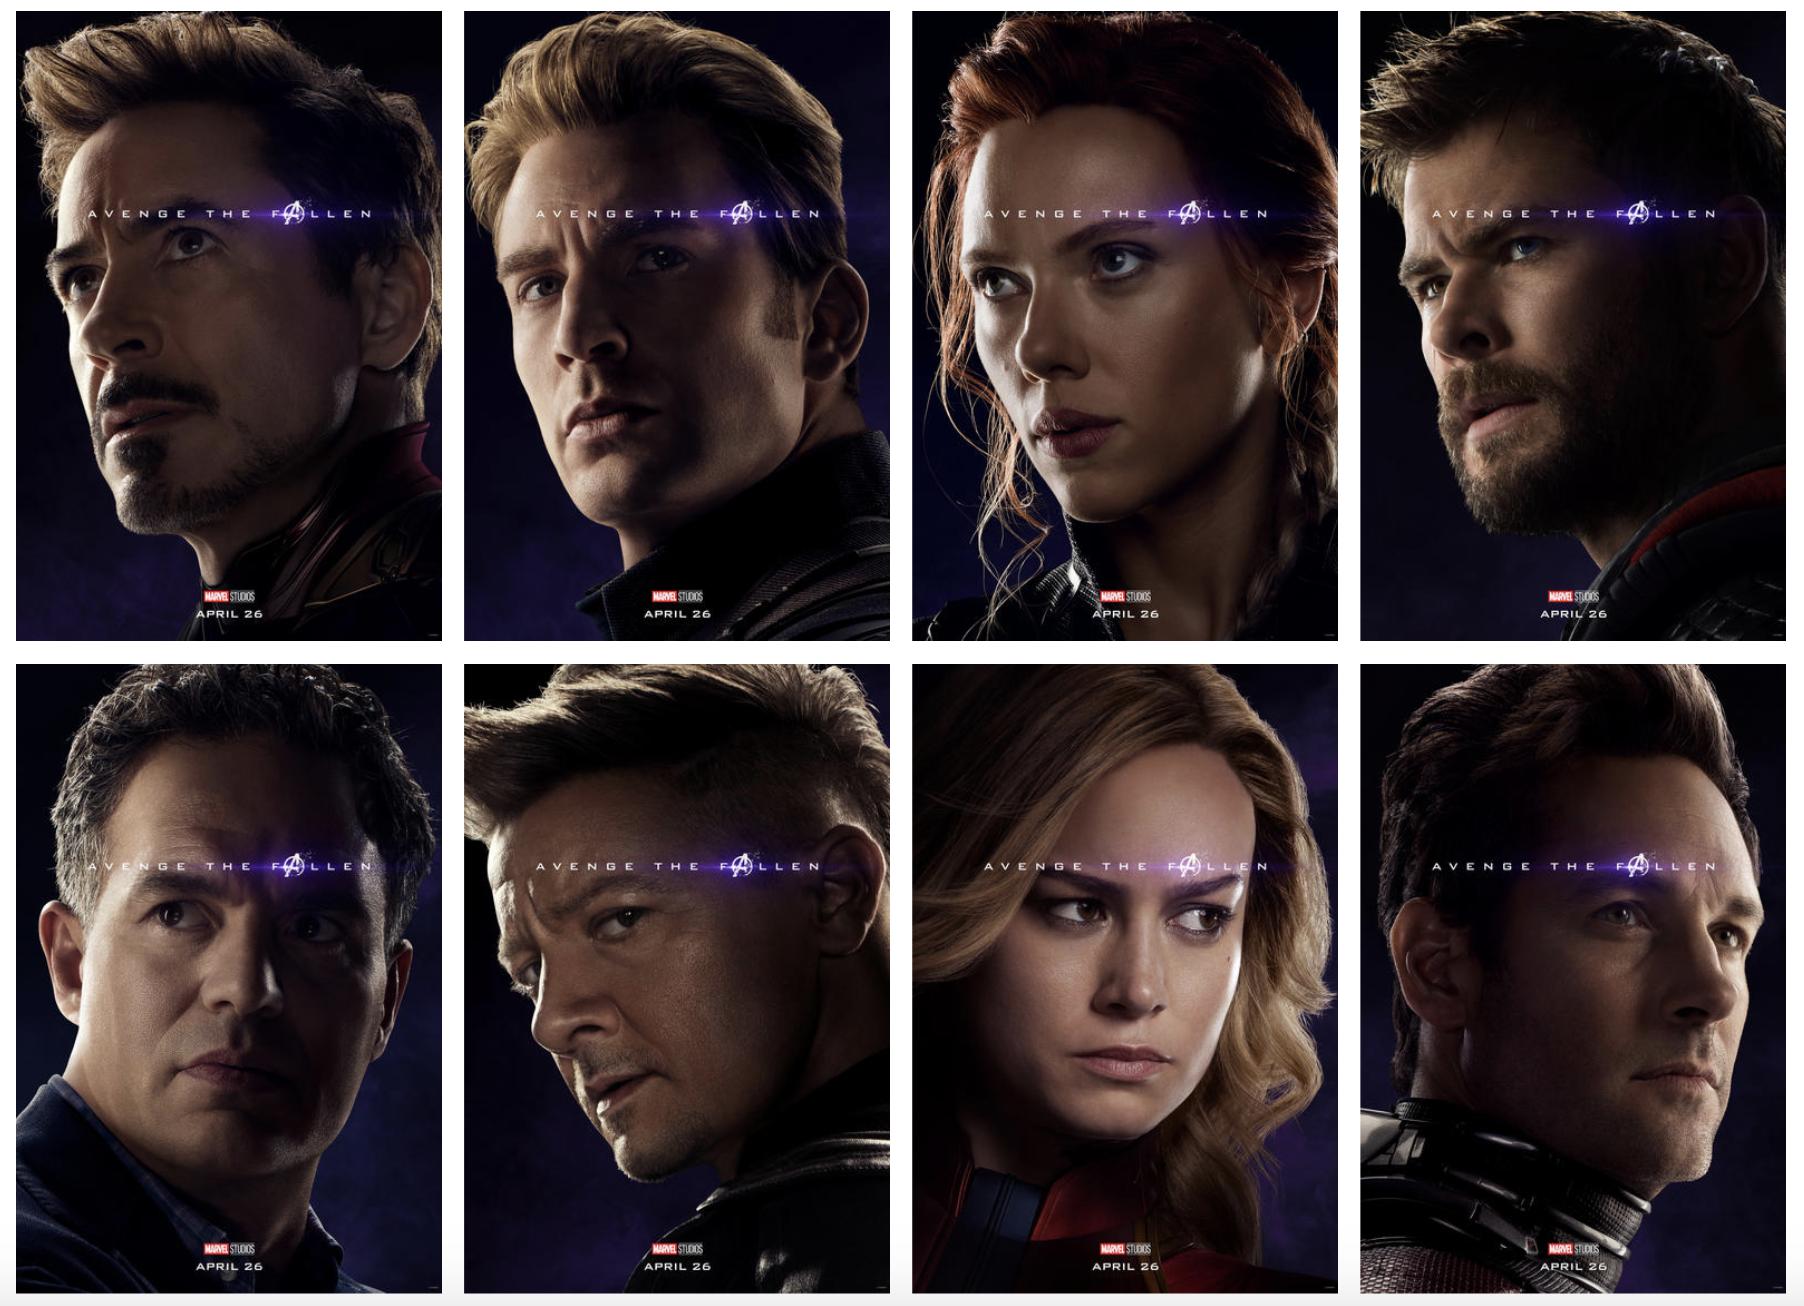 Avenge the Fallen Meme: New 'Avengers: Endgame' Posters Inspire.